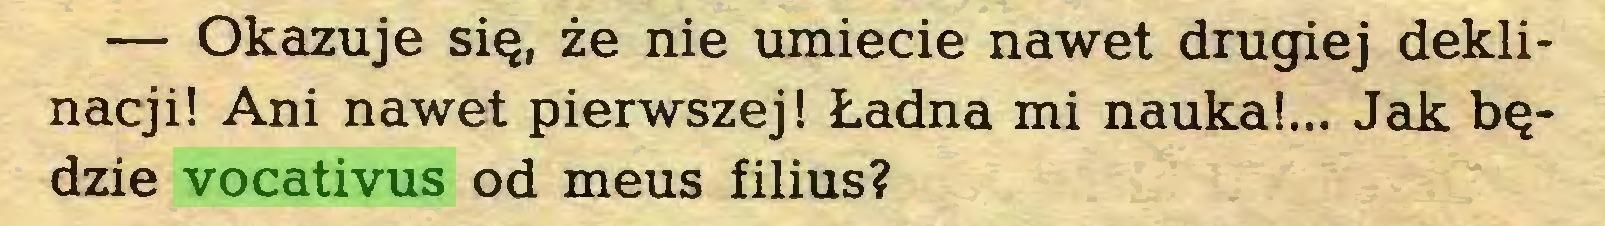 (...) — Okazuje się, że nie umiecie nawet drugiej deklinacji! Ani nawet pierwszej! Ładna mi nauka!... Jak będzie vocativus od meus filius?...